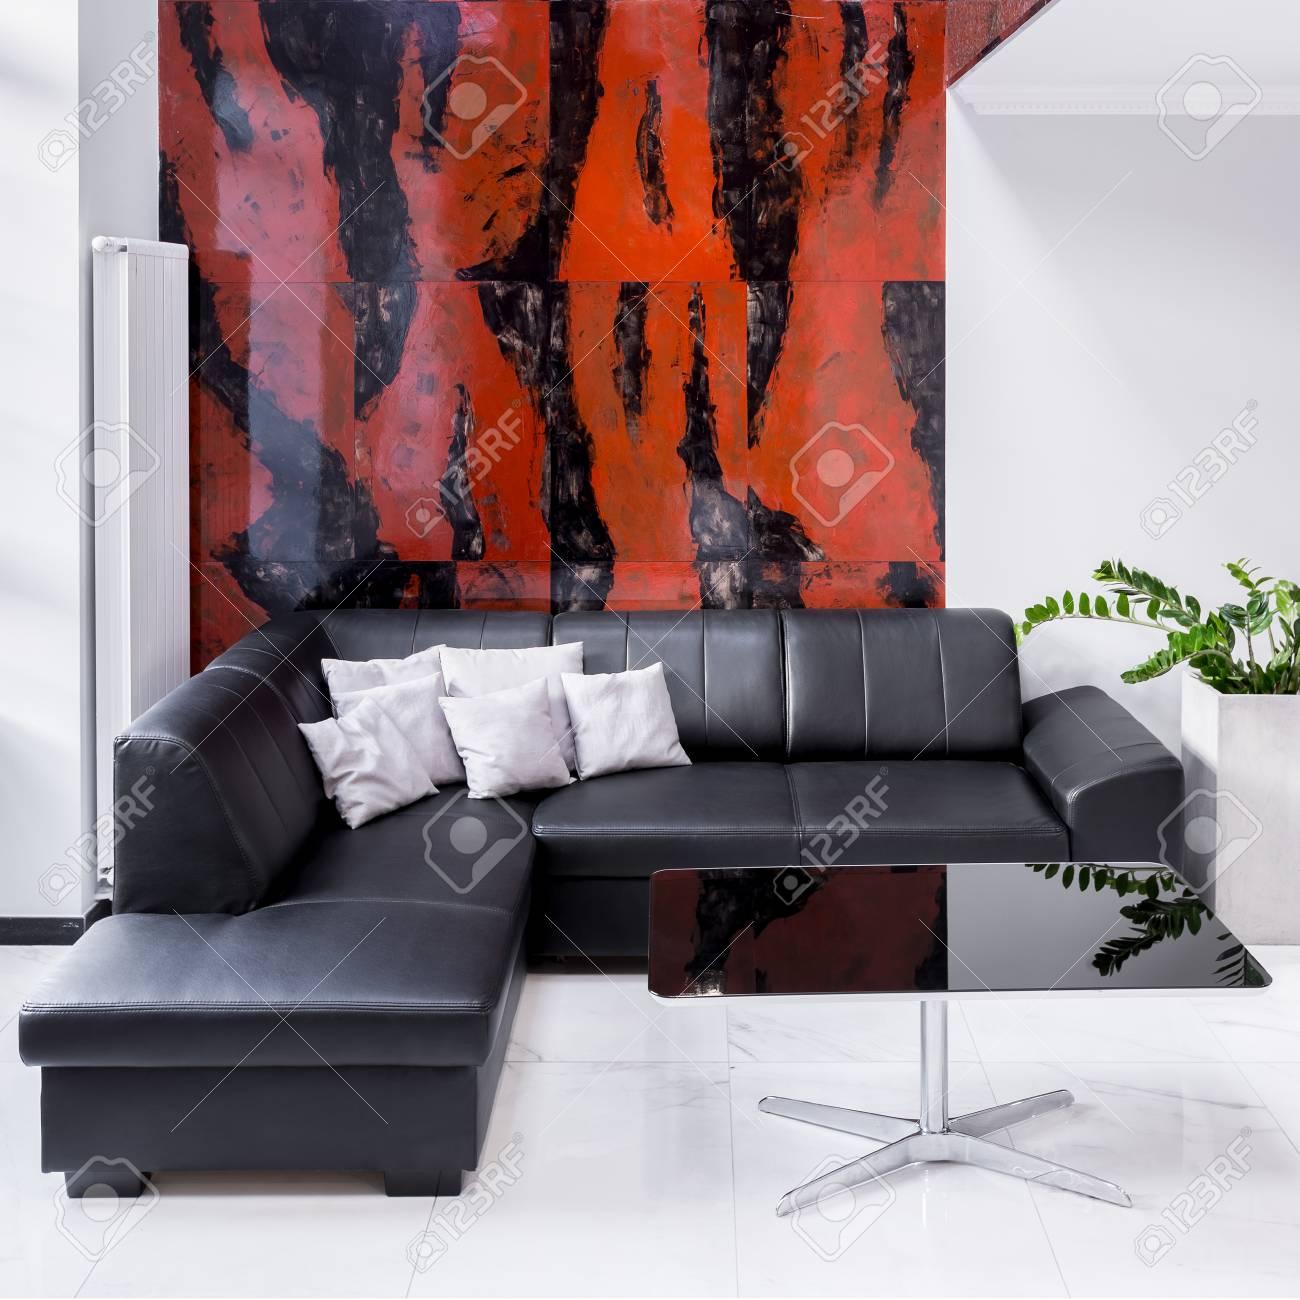 salon de luxe avec grand canape lampe mur en marbre noir et rouge banque d images et photos libres de droits image 76411550